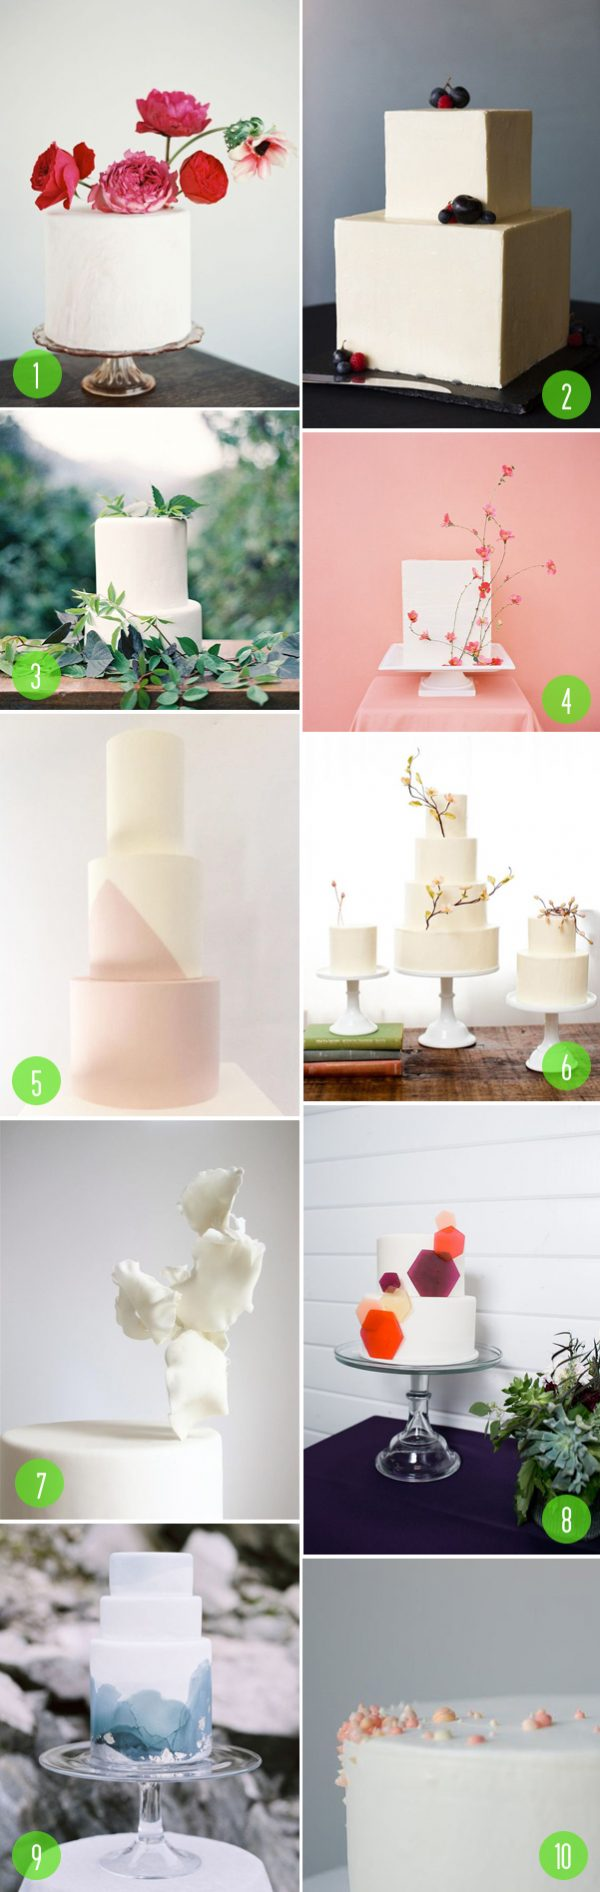 Top 10: Minimal wedding cakes - Brooklyn Bride - Modern Wedding Blog